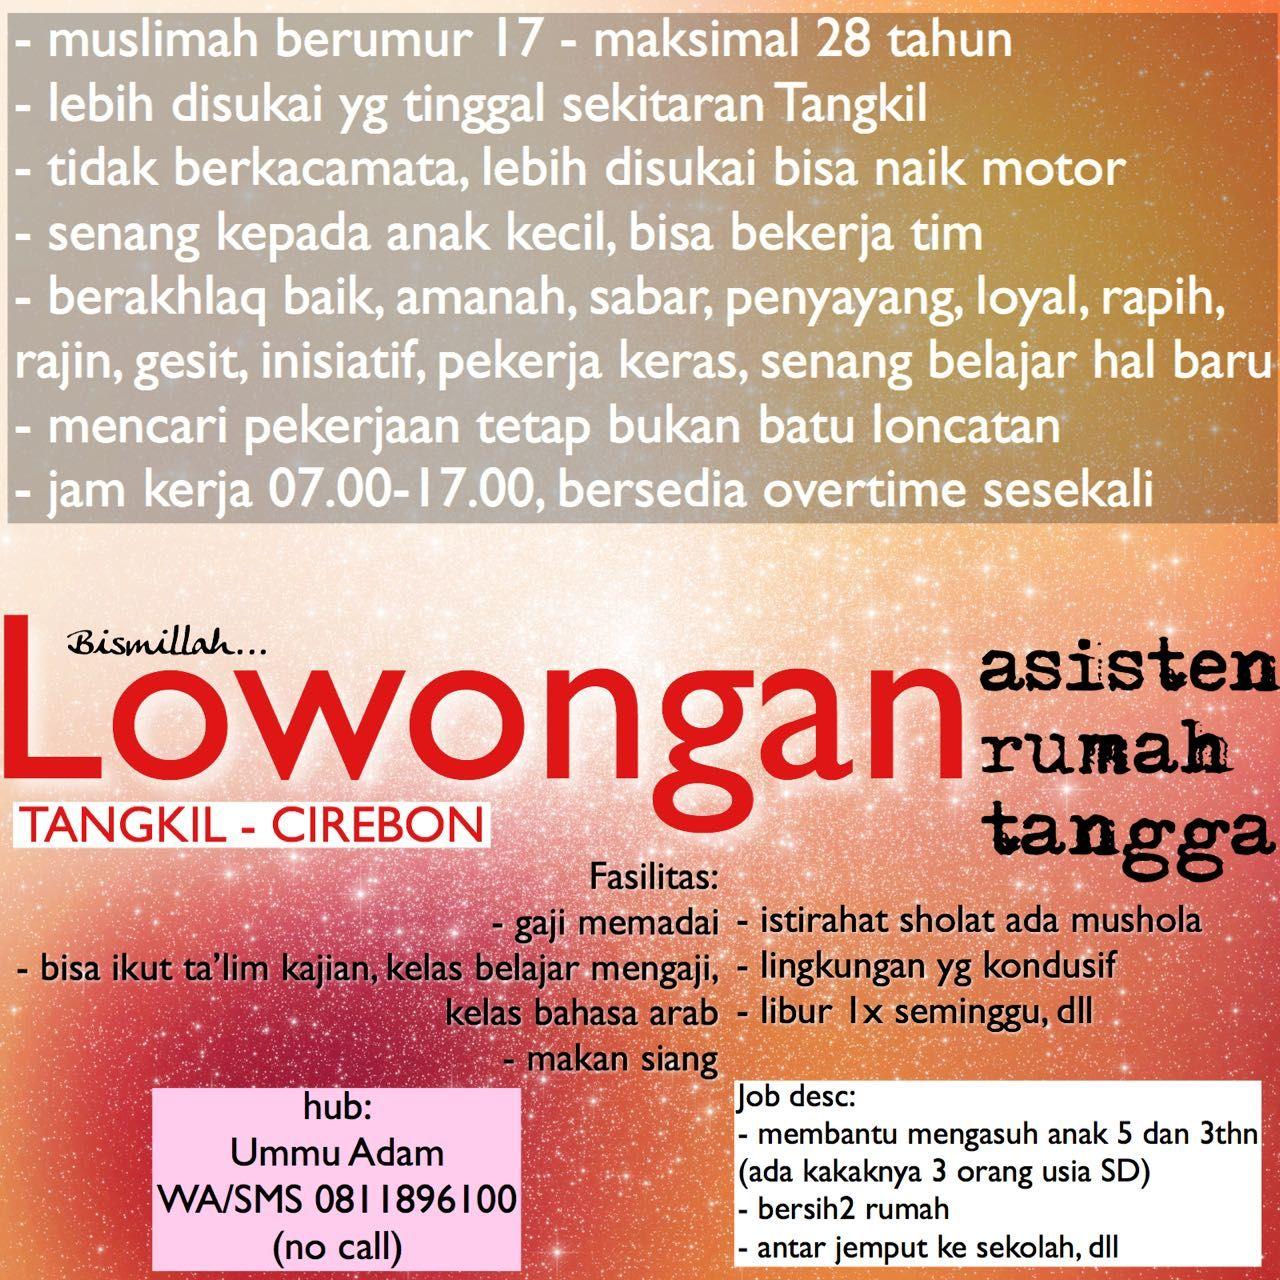 Lowongan Kerja Asisten Rumah Tangga Tangkil Cirebon Https